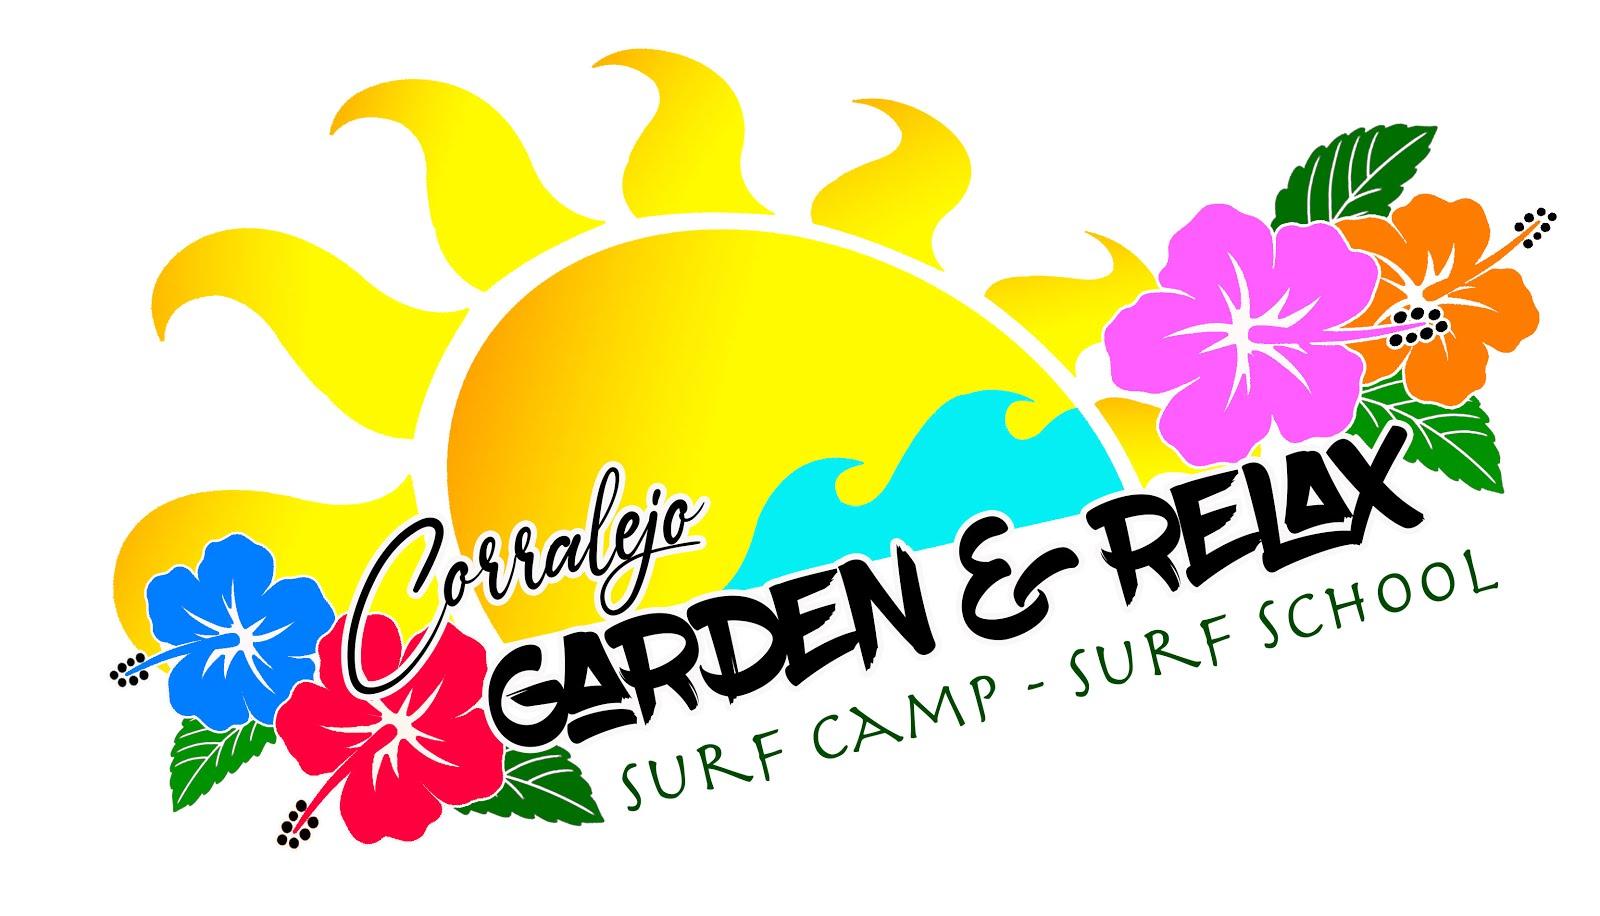 Corralejo Garden & Relax